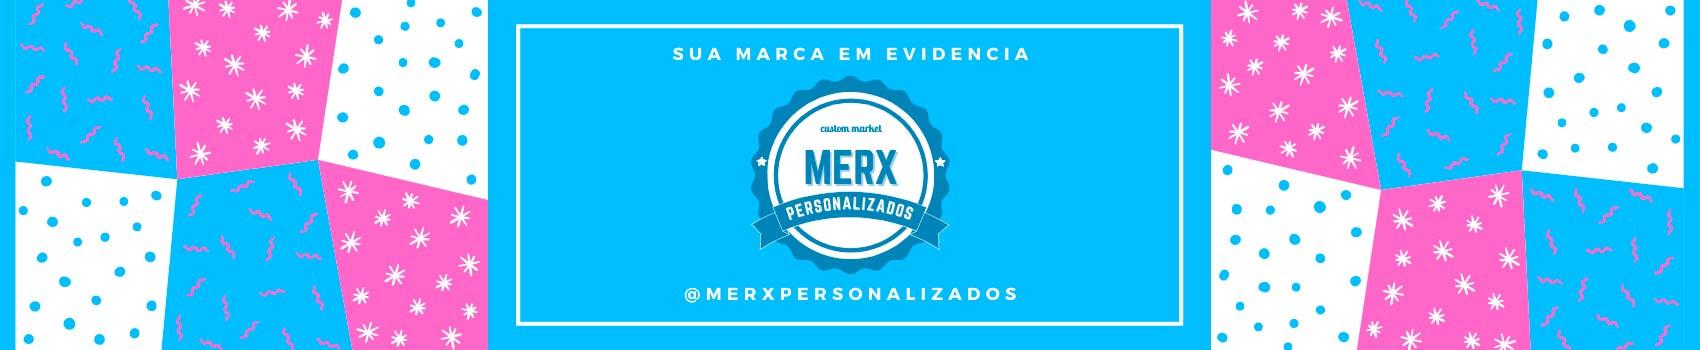 Merx Personalizados